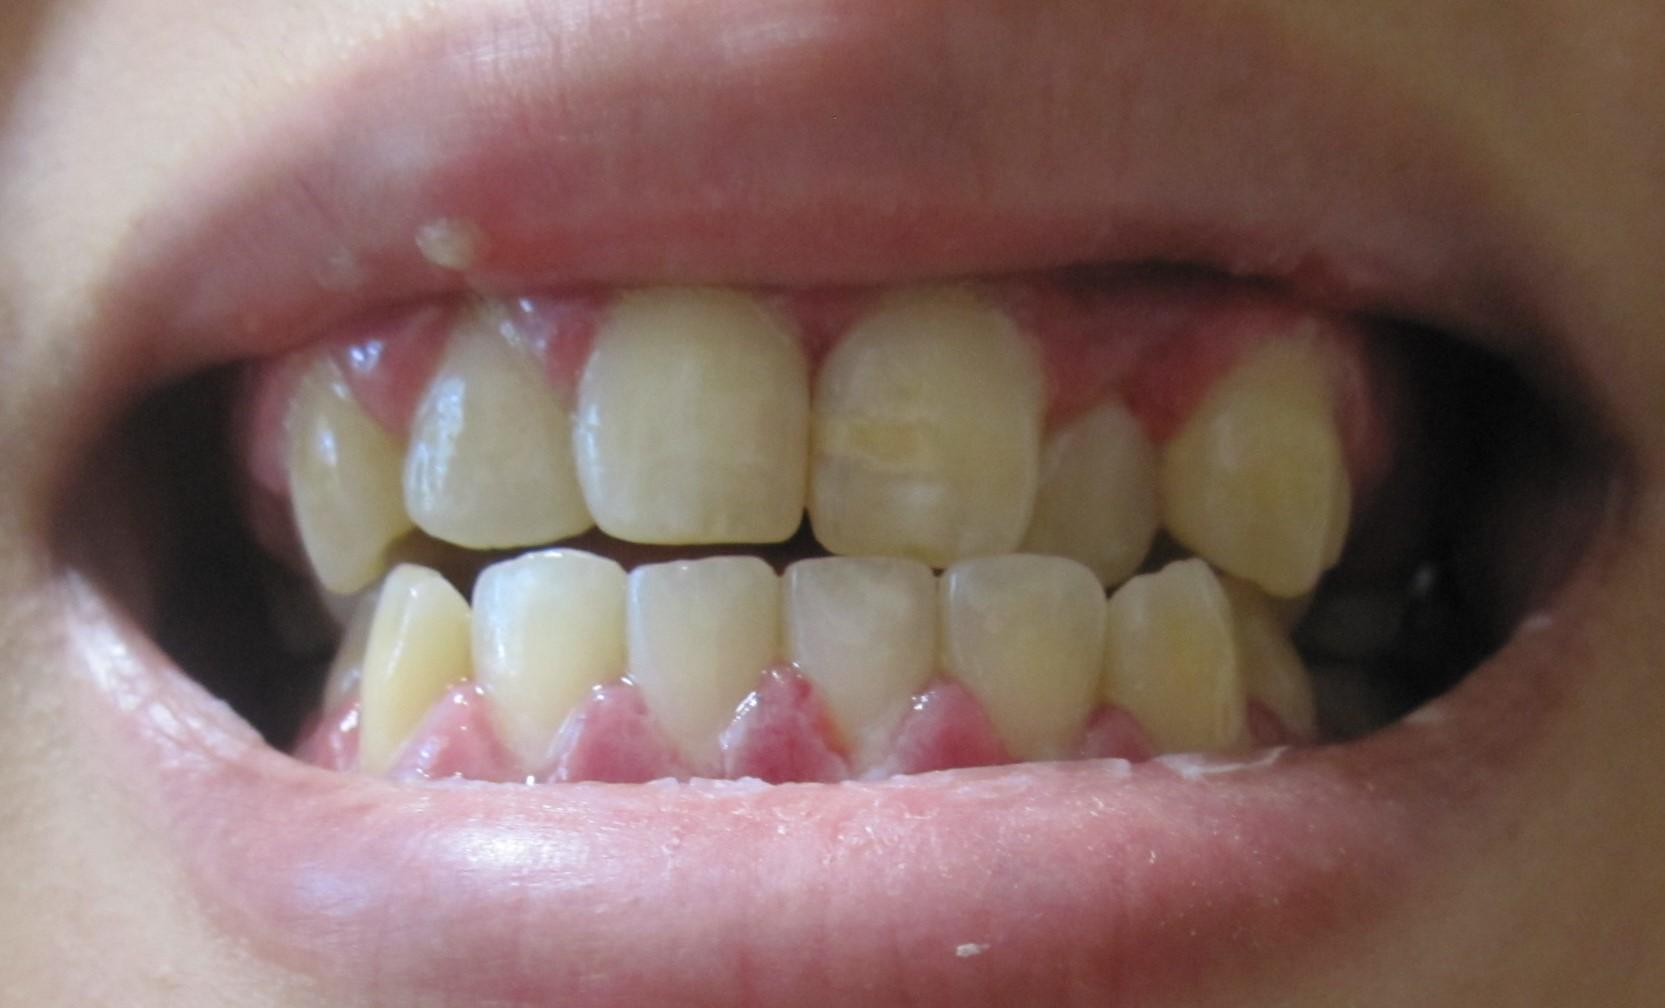 大人がヘルペス性歯肉口内炎になった体験談ー症状、対処法